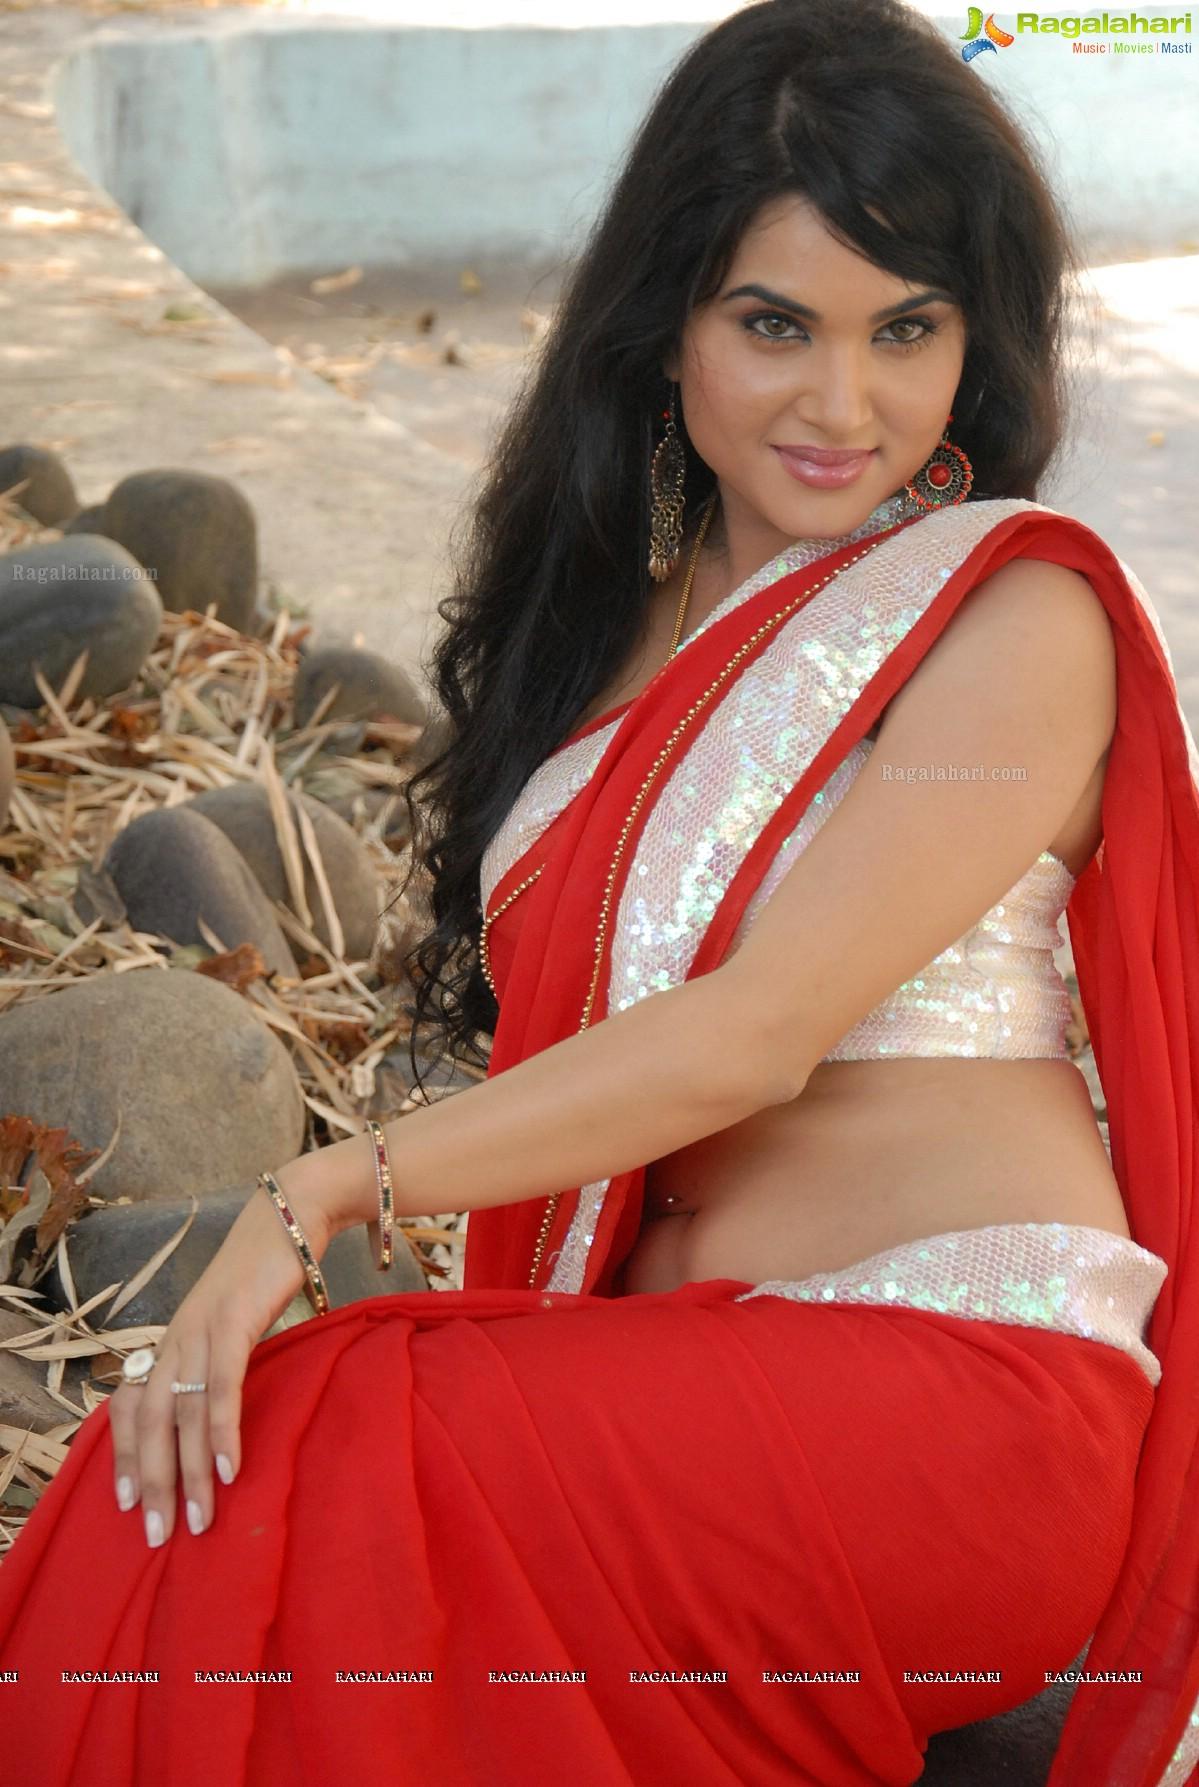 Kavya Singh Glam Sowmya Venugopal Red Saree